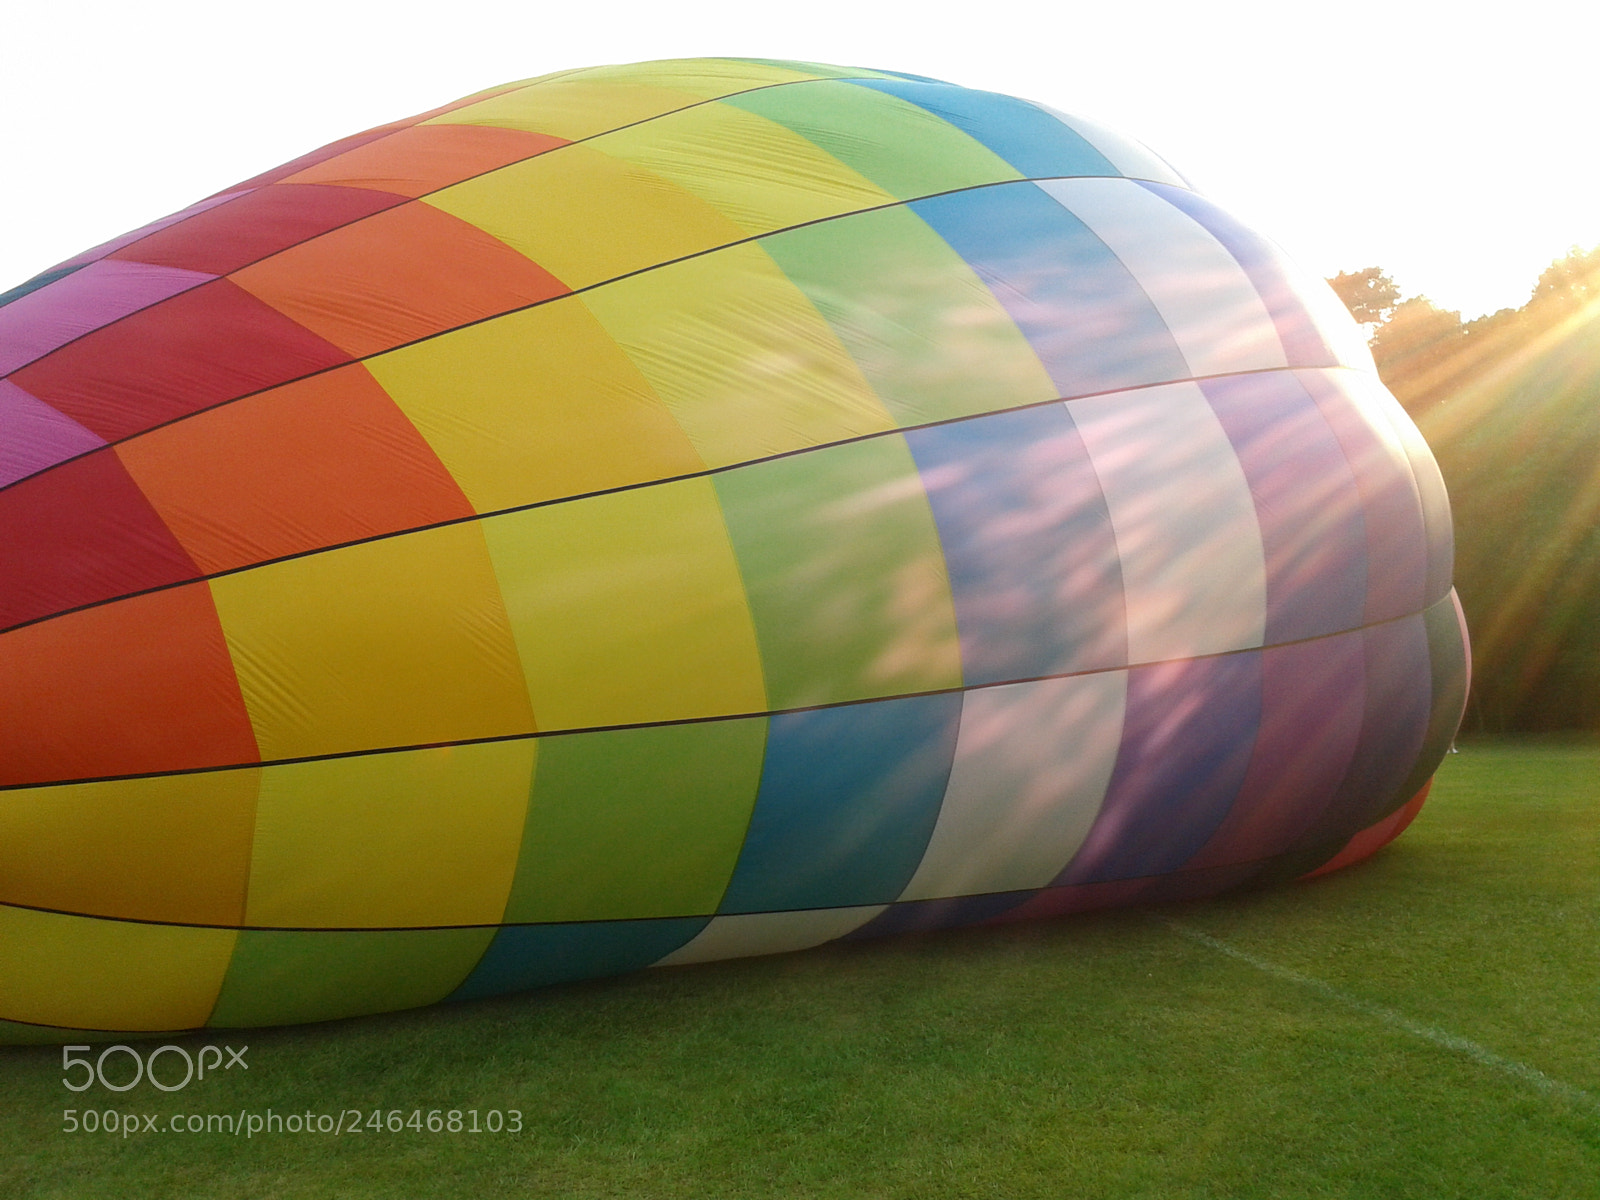 Hot air balloon in